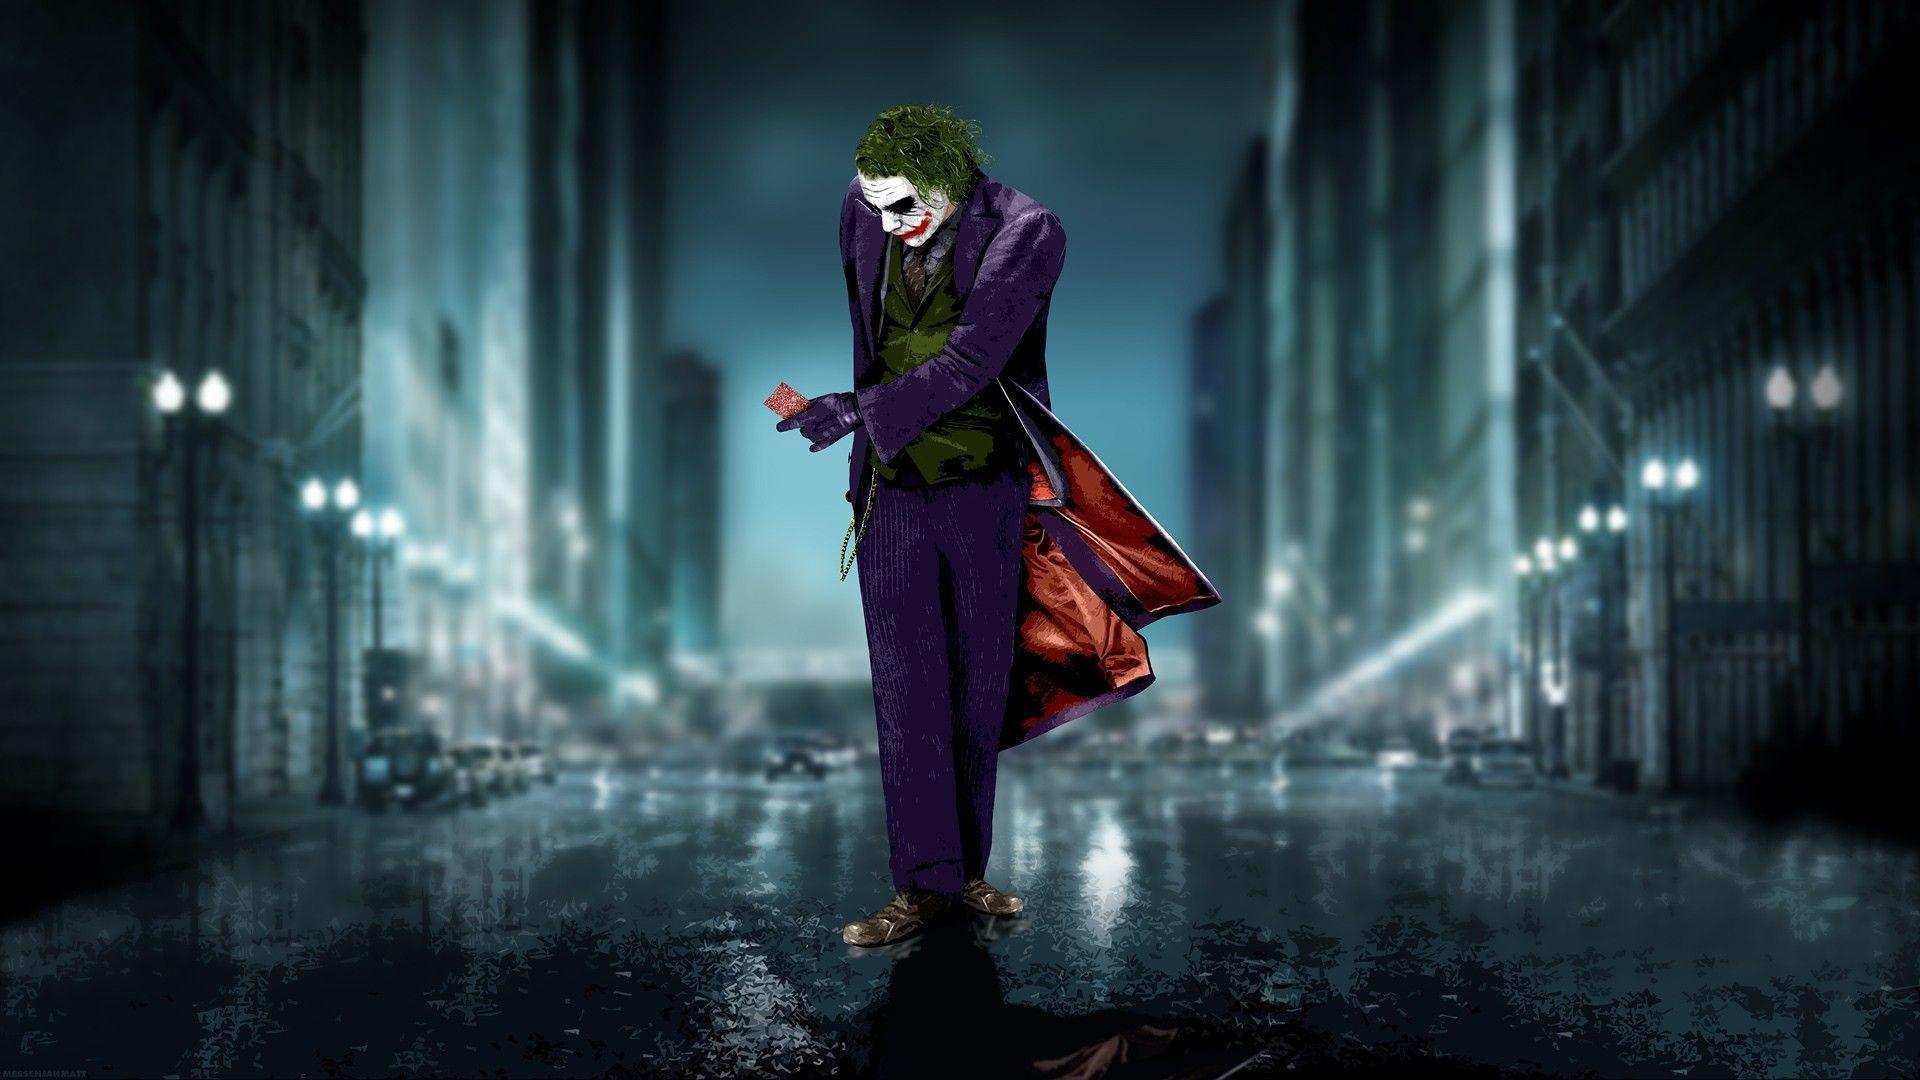 Wallpaper joker batman dark knight broken heart wallpaper with Heath Ledger  Joker Wallpapers HD Wallpapers)